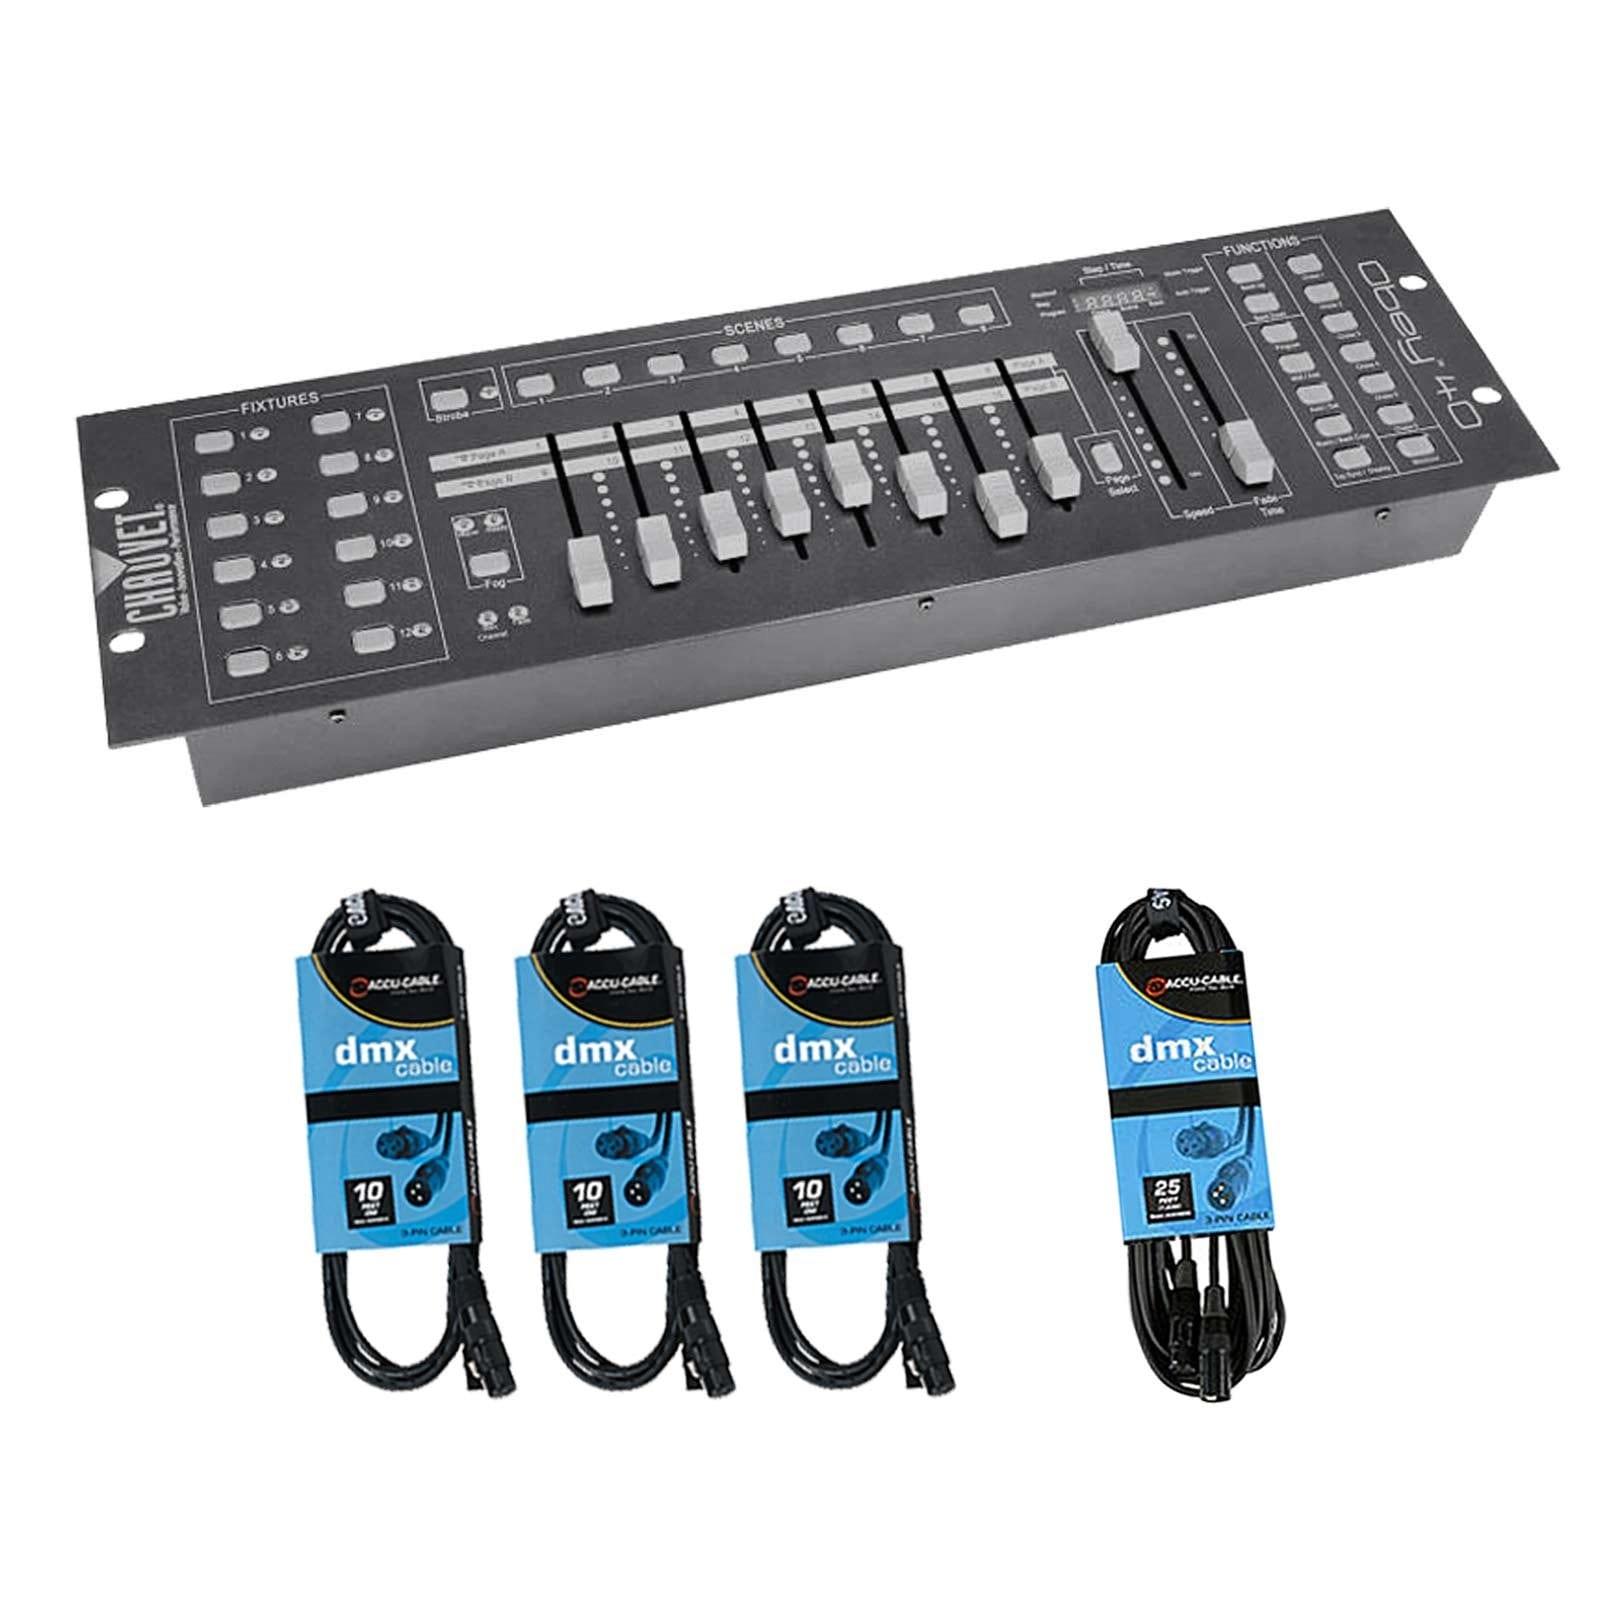 chauvet-dj-obey-40-lighting-controller-w-dmx-cables-bundle-11c.jpg